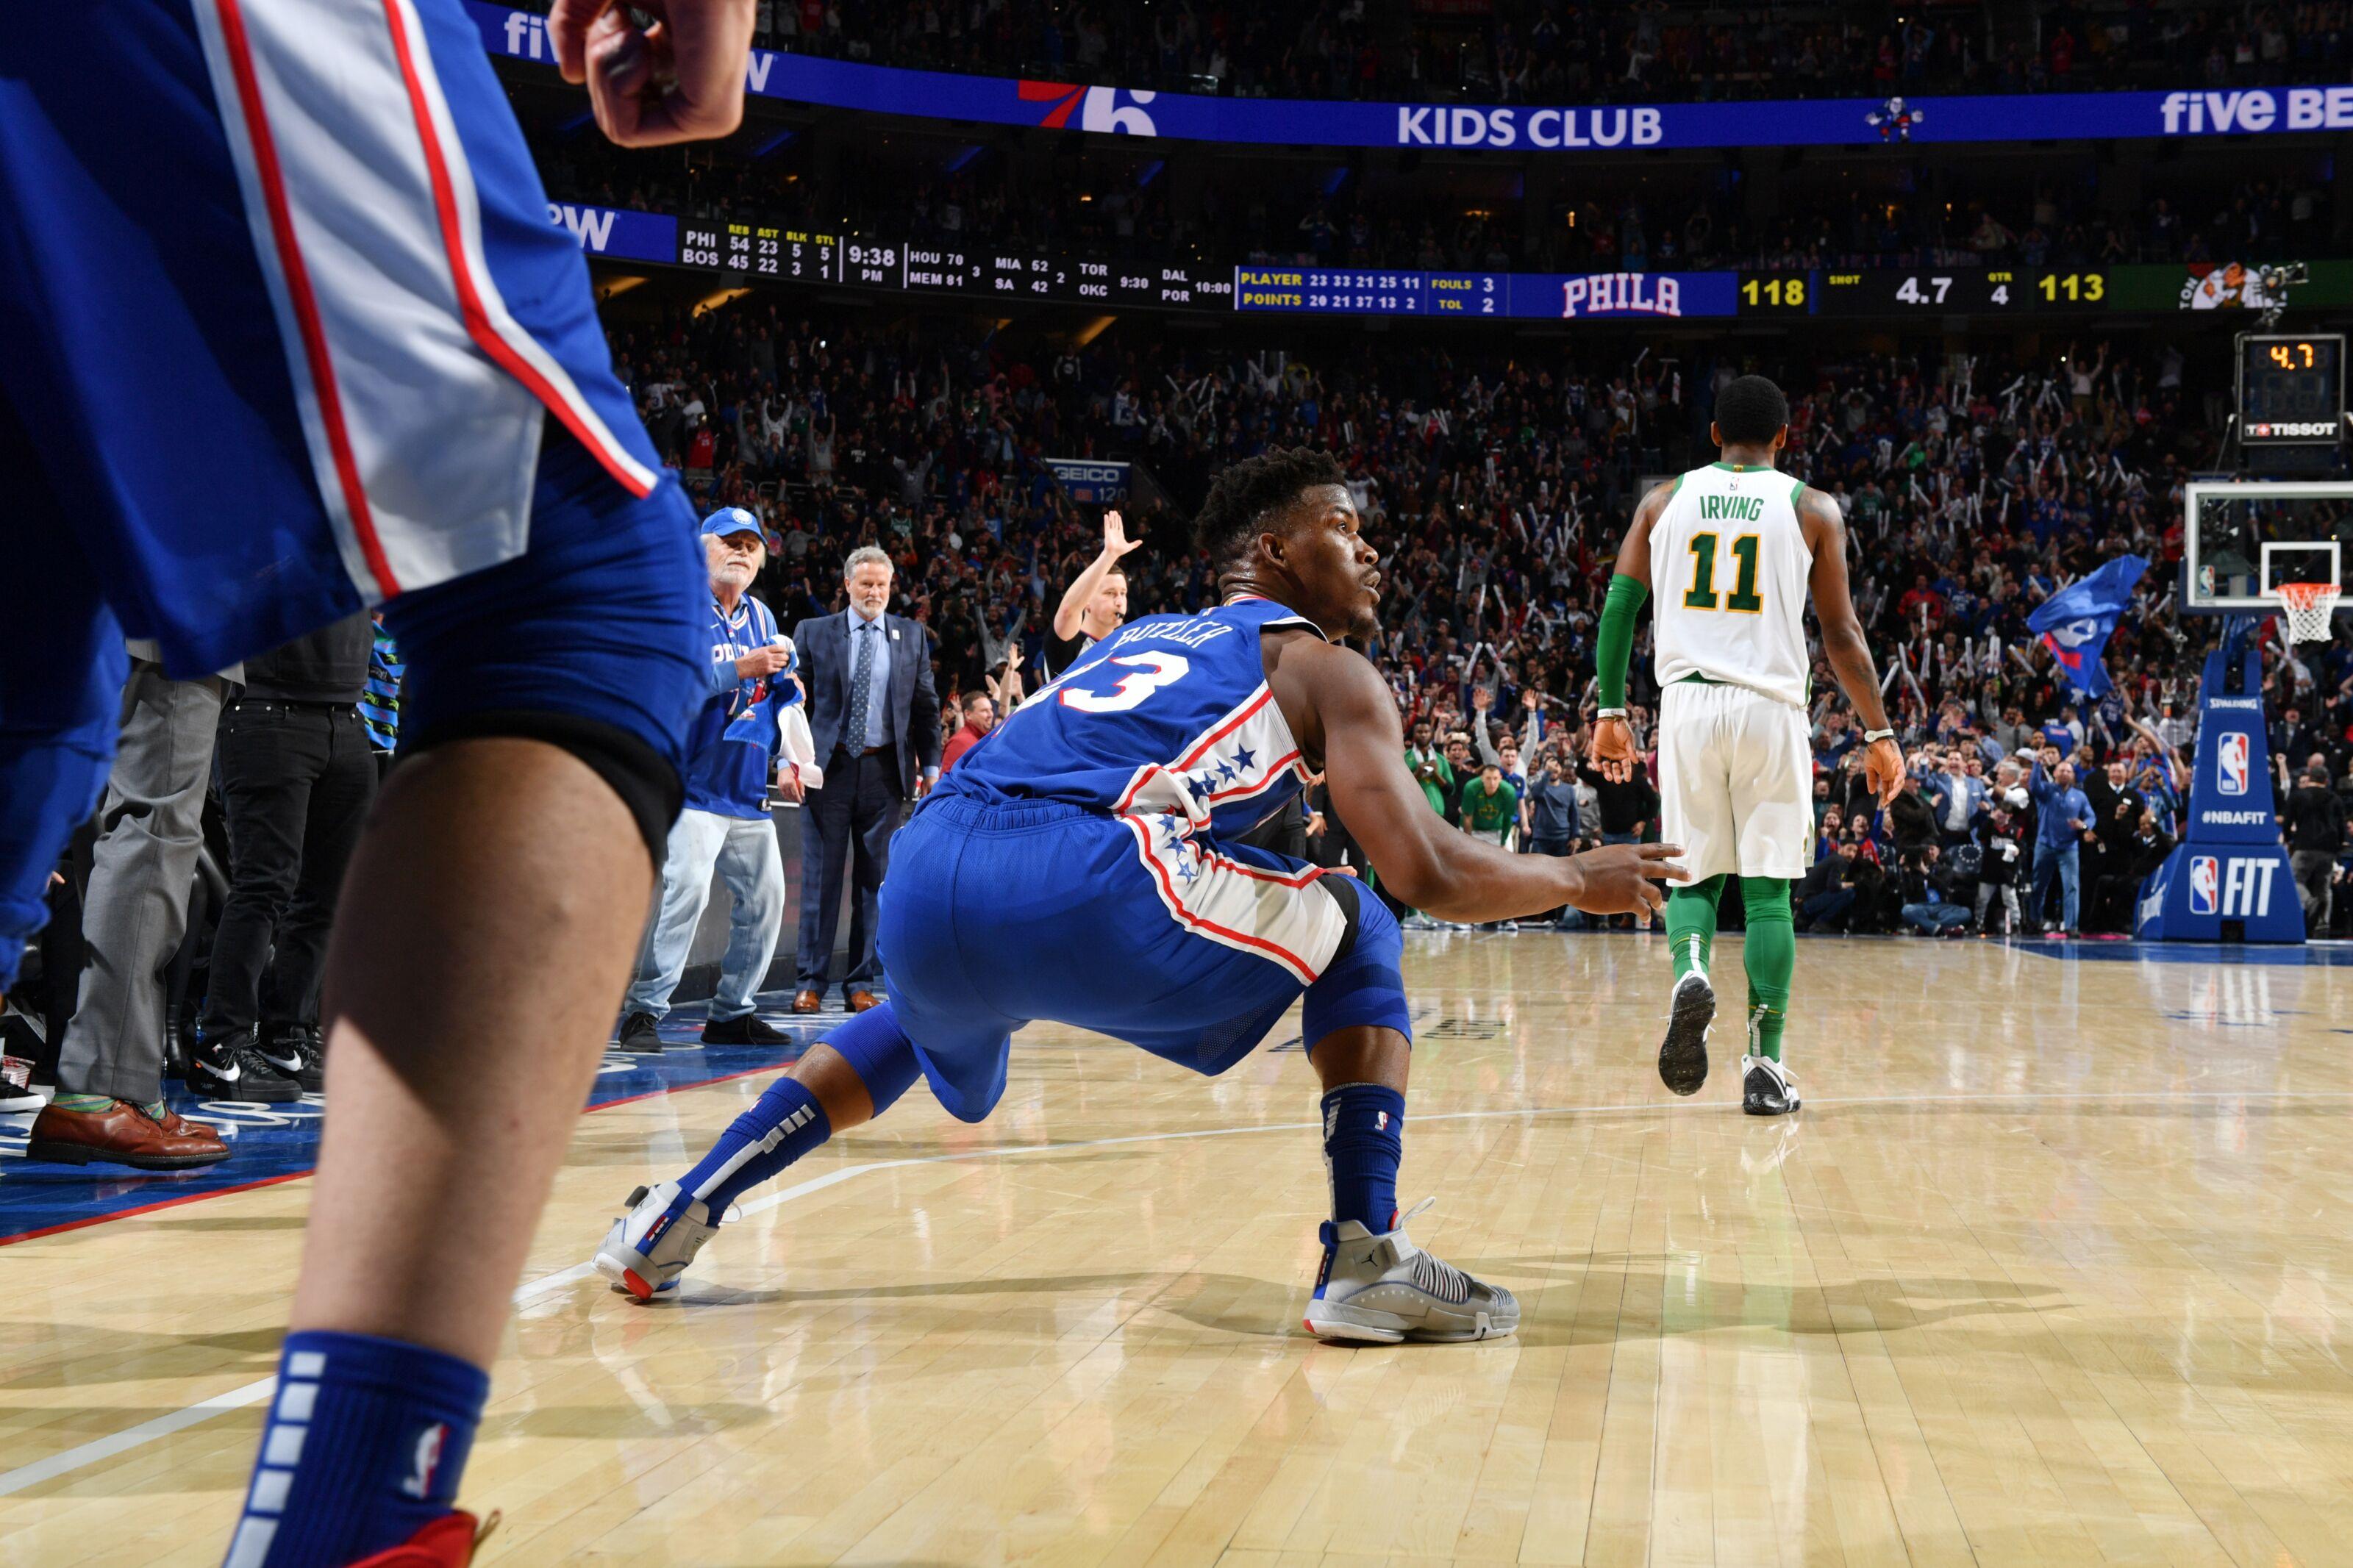 GRADES: Philadelphia 76ers 118, Boston Celtics 115